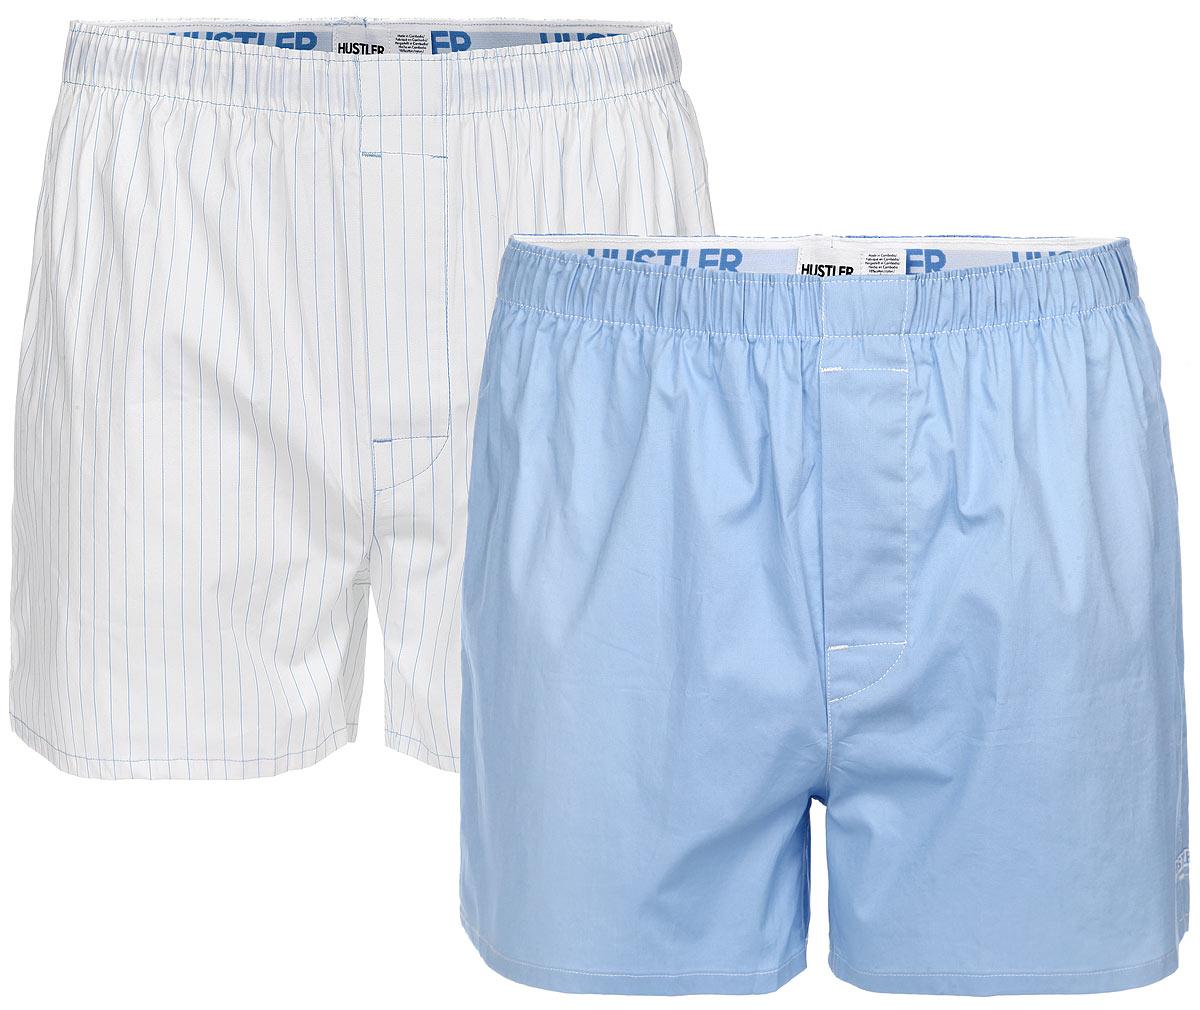 Трусы-шорты мужские Blue Line, 2 шт. HUW-10HUW-1009NVYМужские трусы-шорты Hustler Lingerie Blue Line, выполненные из эластичного хлопка, отлично подойдут для повседневной носки. Трусы с гульфиком дополнены на талии широкой резинкой с названием бренда. В комплект входят 2 трусов. Одна модель оформлена принтом в полоску, вторая - однотонная. Сбоку предусмотрена небольшая нашивка с названием бренда.